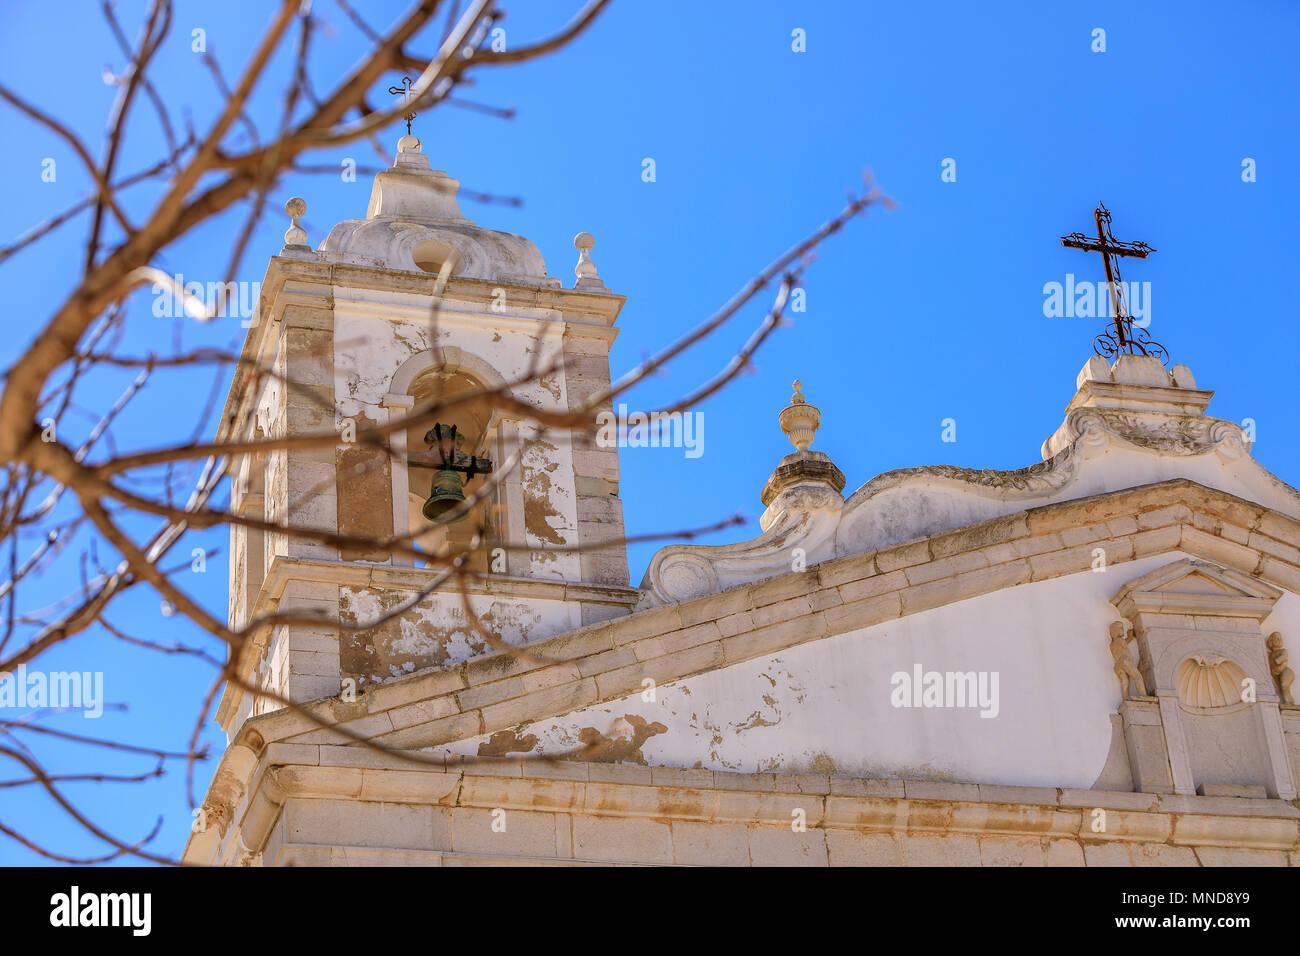 Church in Lagos, Algarve, Portugal - Stock Image